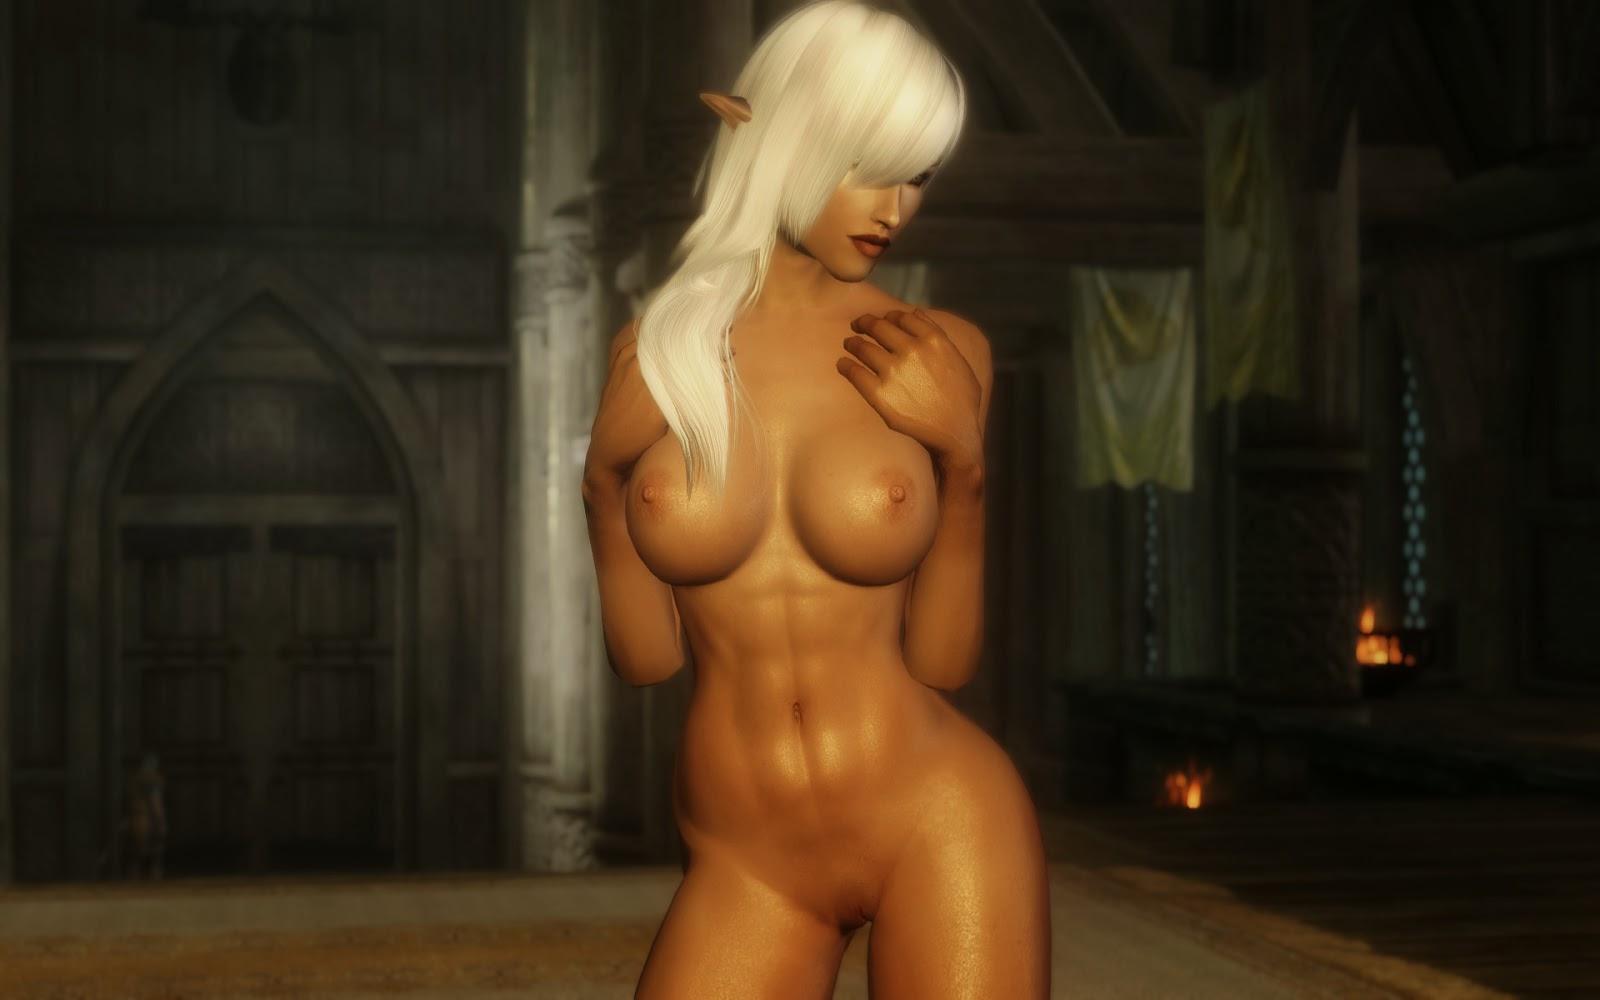 Sexy mod skin porn movie